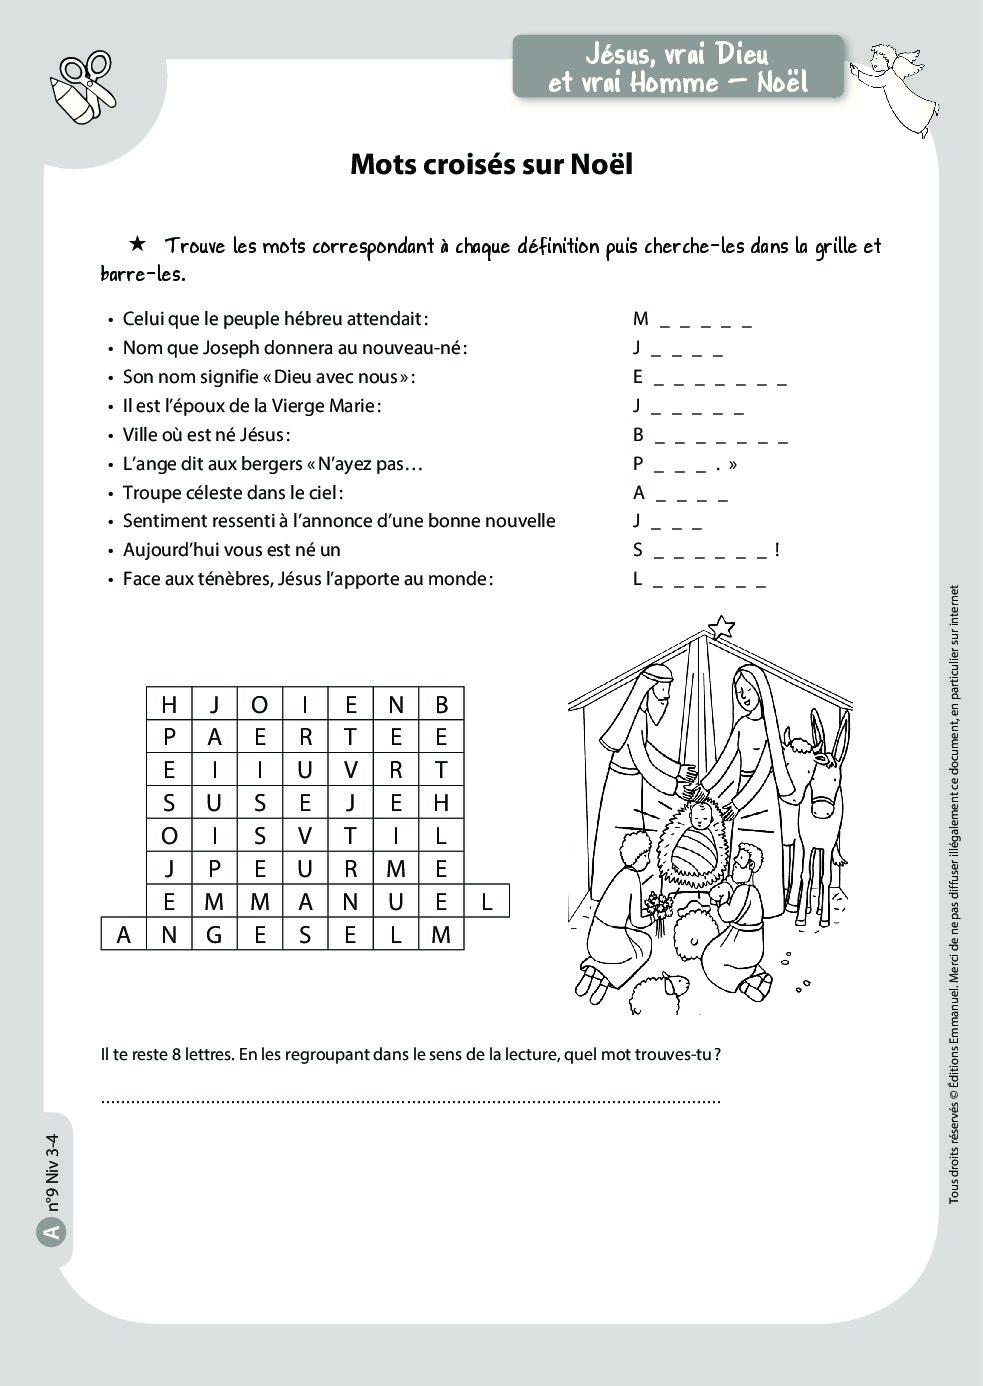 Mots Croisés Sur Noël - Catéchisme Emmanuel intérieur Mots Croisés Pour Débutants À Imprimer